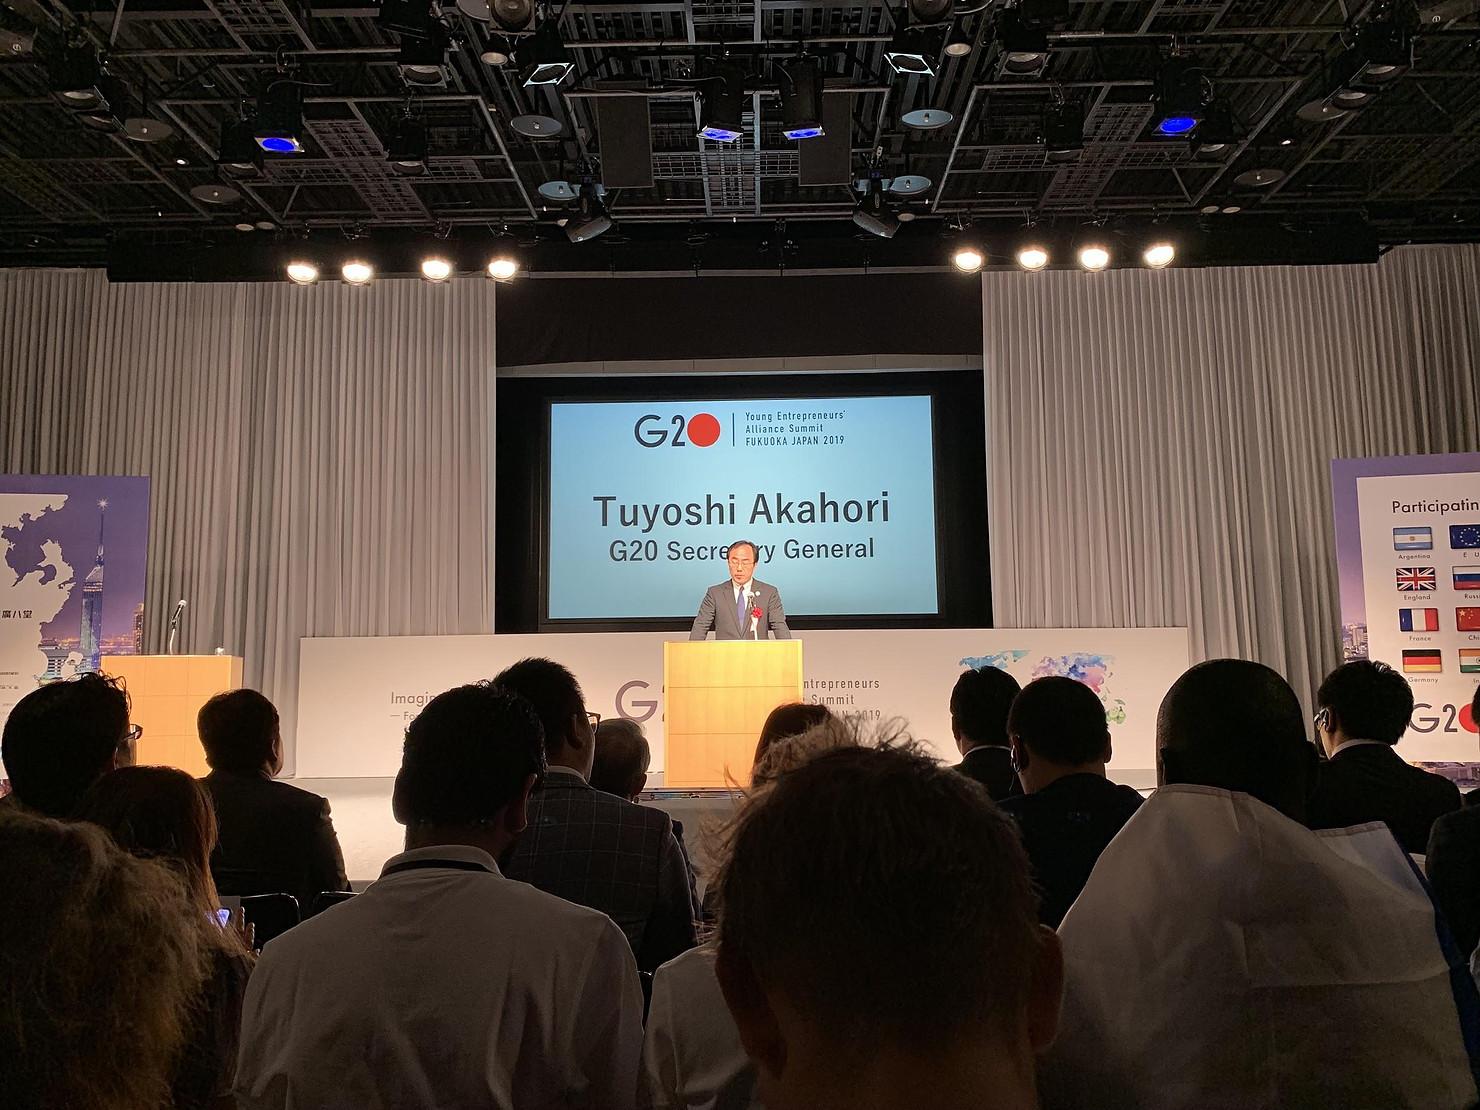 Ouverture du G20 YEA par M. Tuyoshi Akahori, Secrétaire Général du Japon